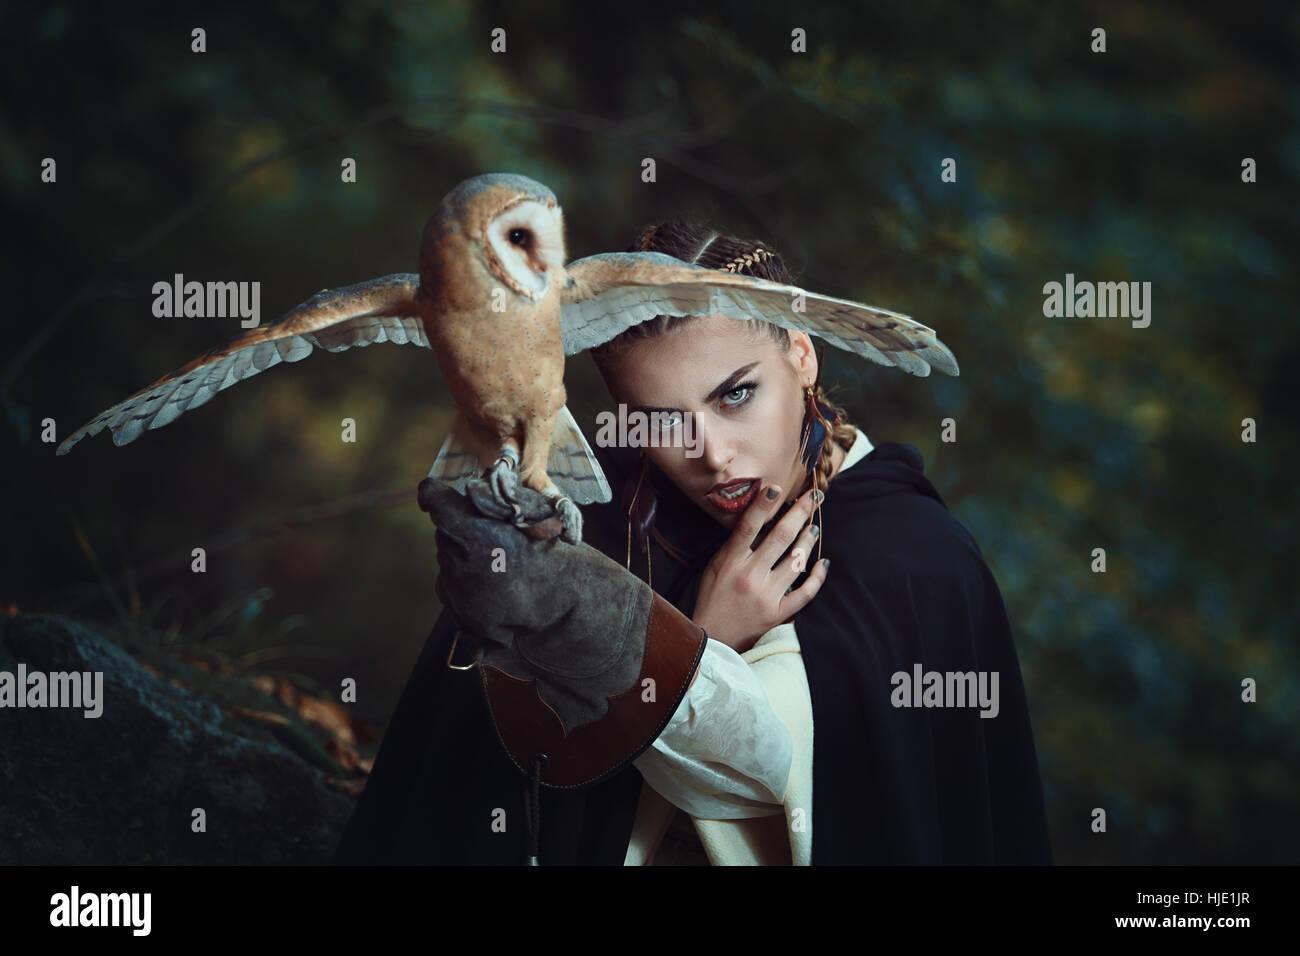 Geheimnisvolle Frau mit offenen geflügelten Schleiereule. Fantasie-Porträt Stockbild